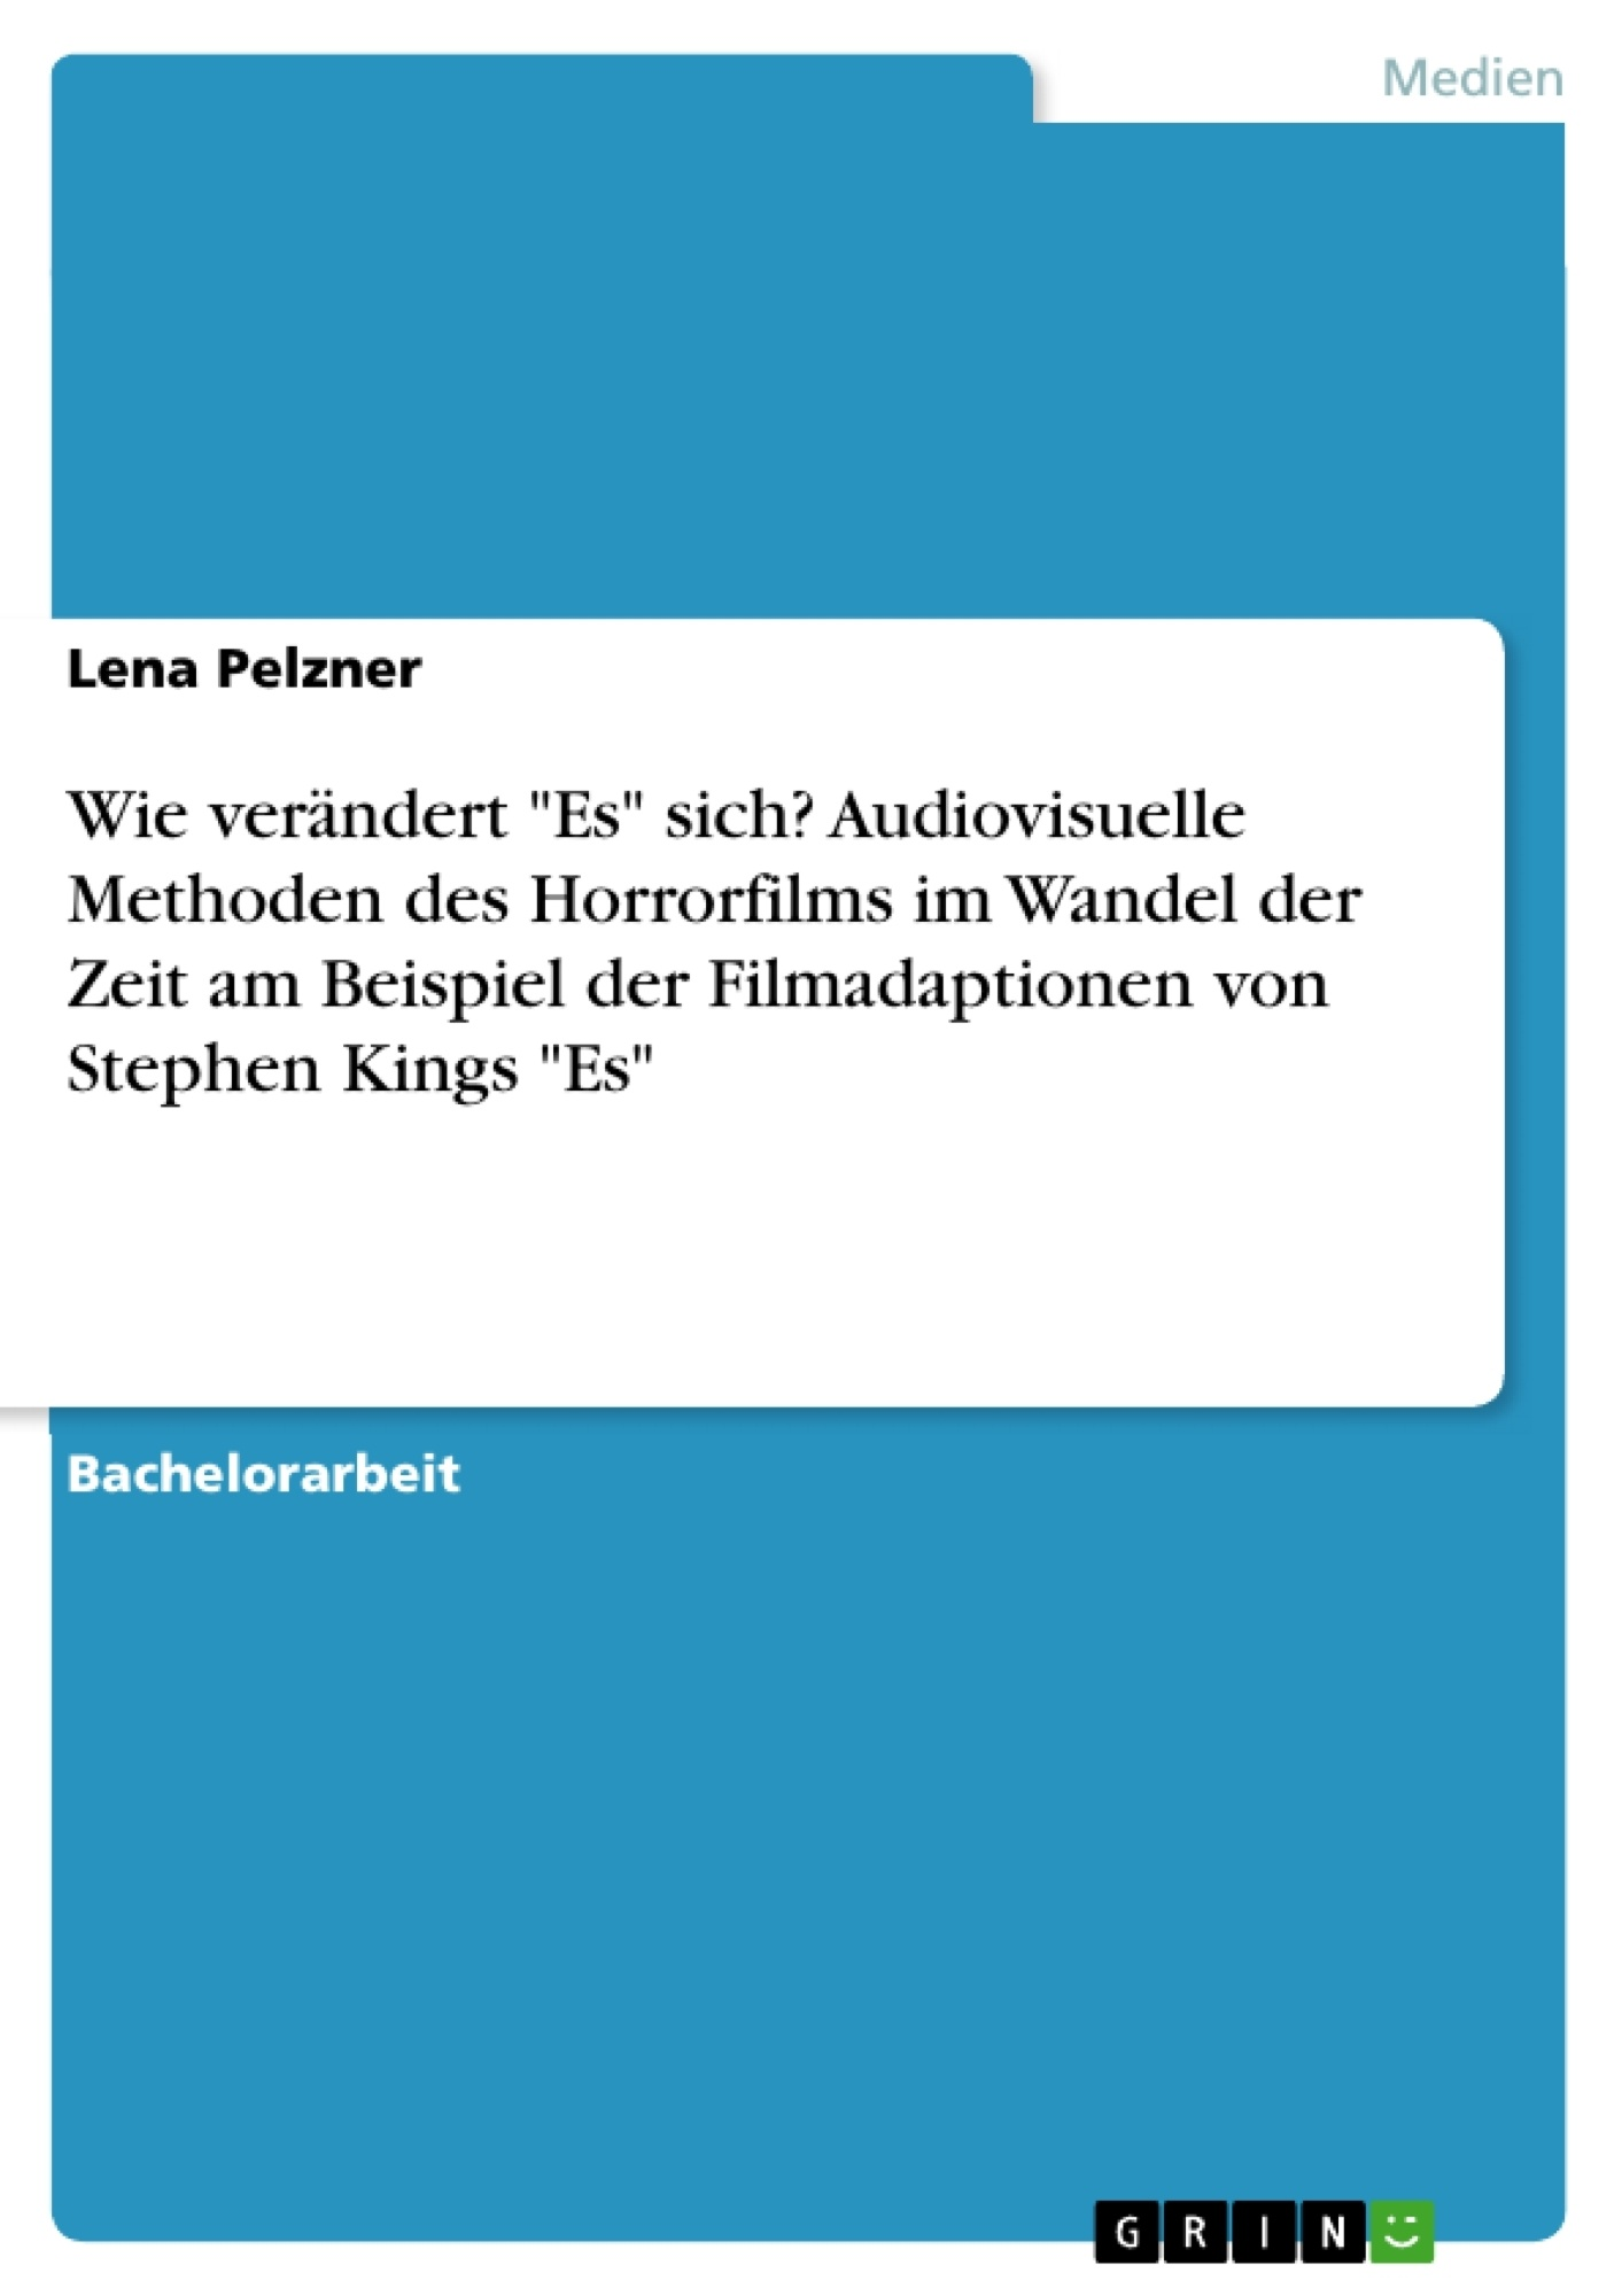 """Titel: Wie verändert """"Es"""" sich? Audiovisuelle Methoden des Horrorfilms im Wandel der Zeit am Beispiel der Filmadaptionen von Stephen Kings """"Es"""""""